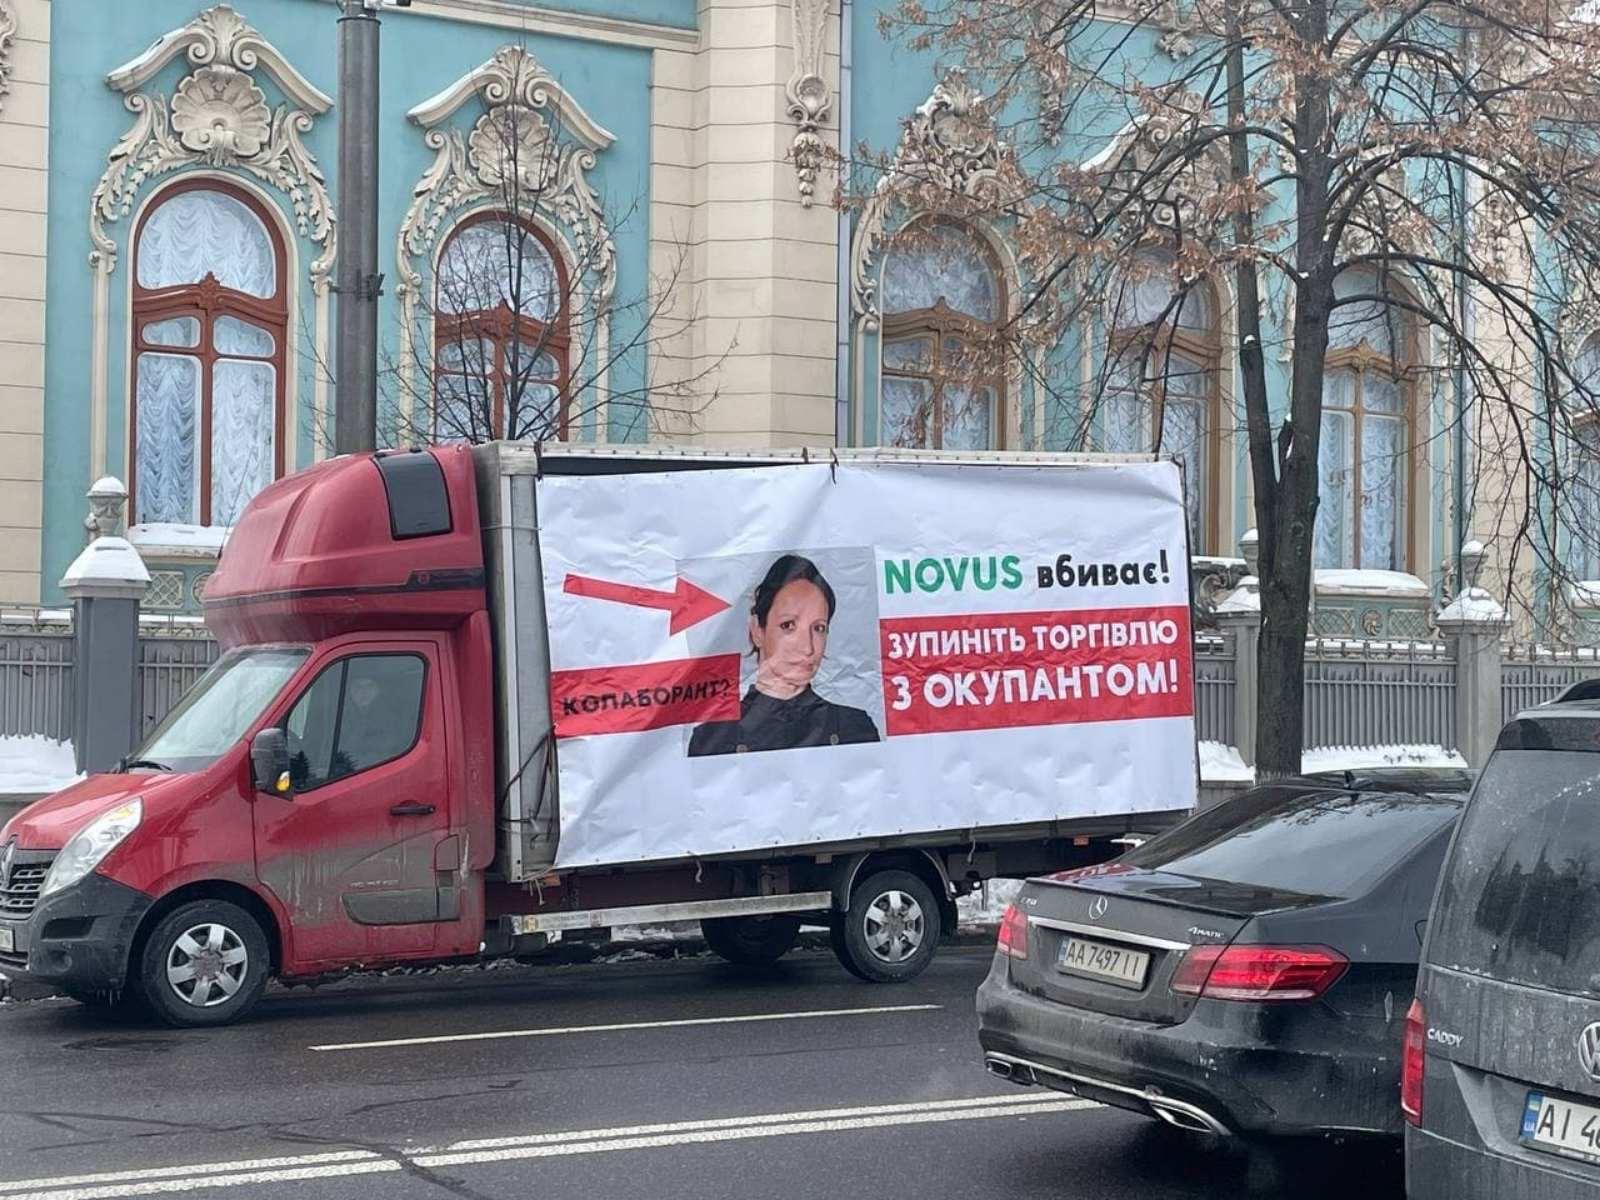 Під Верховною Радою мітингували проти мережі Novus - фото 2